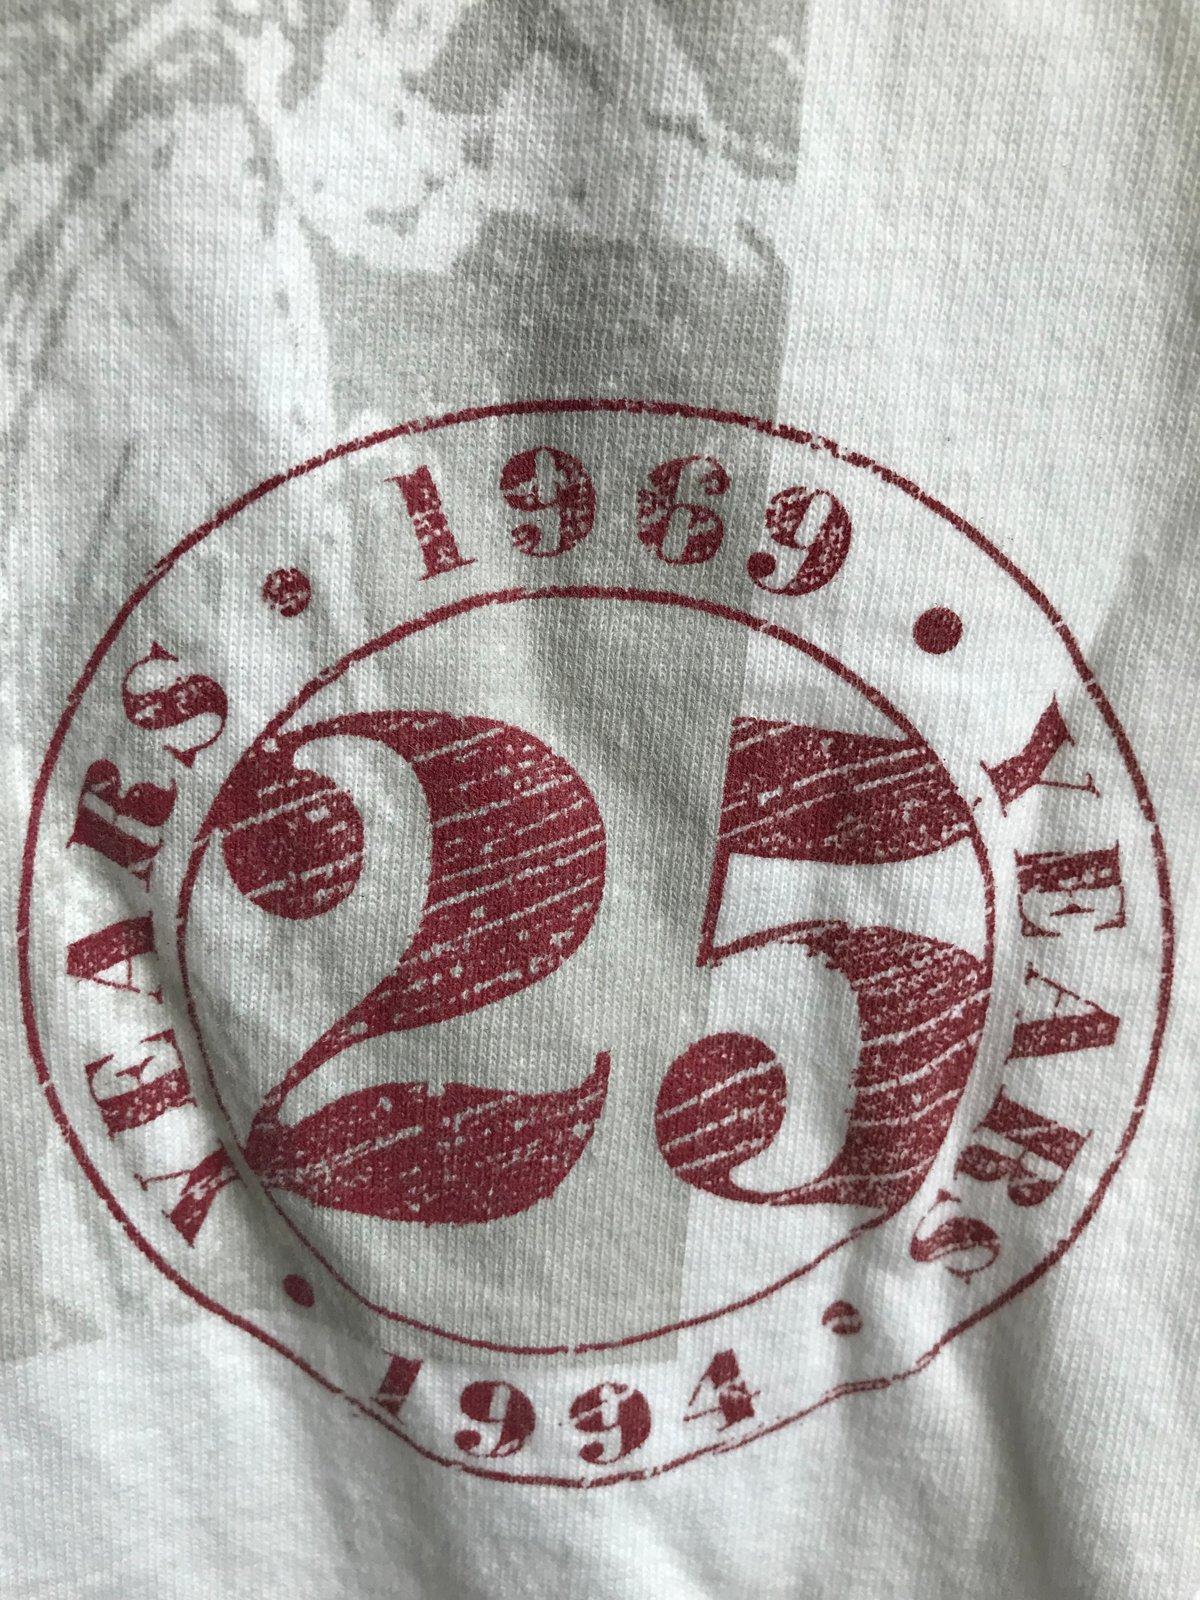 Image of Celebrating Altamont 25 years t-shirt